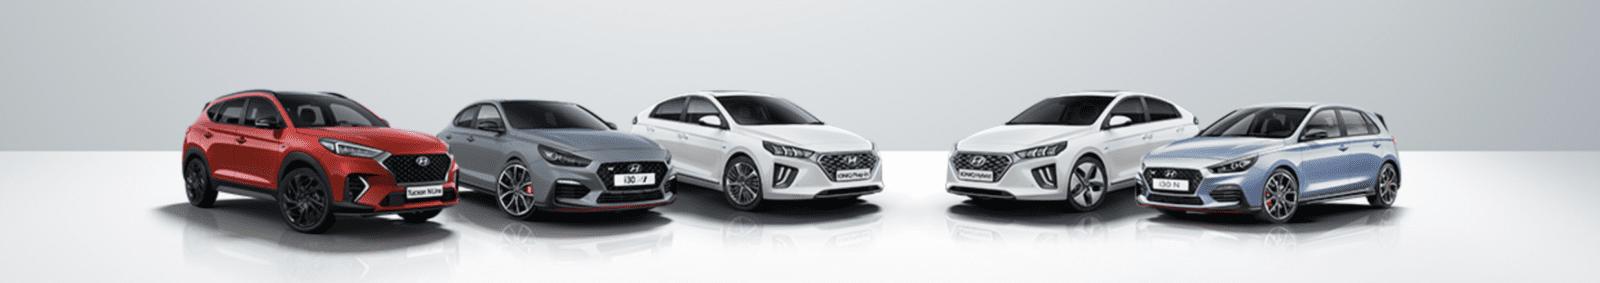 Used Hyundai Car Finance